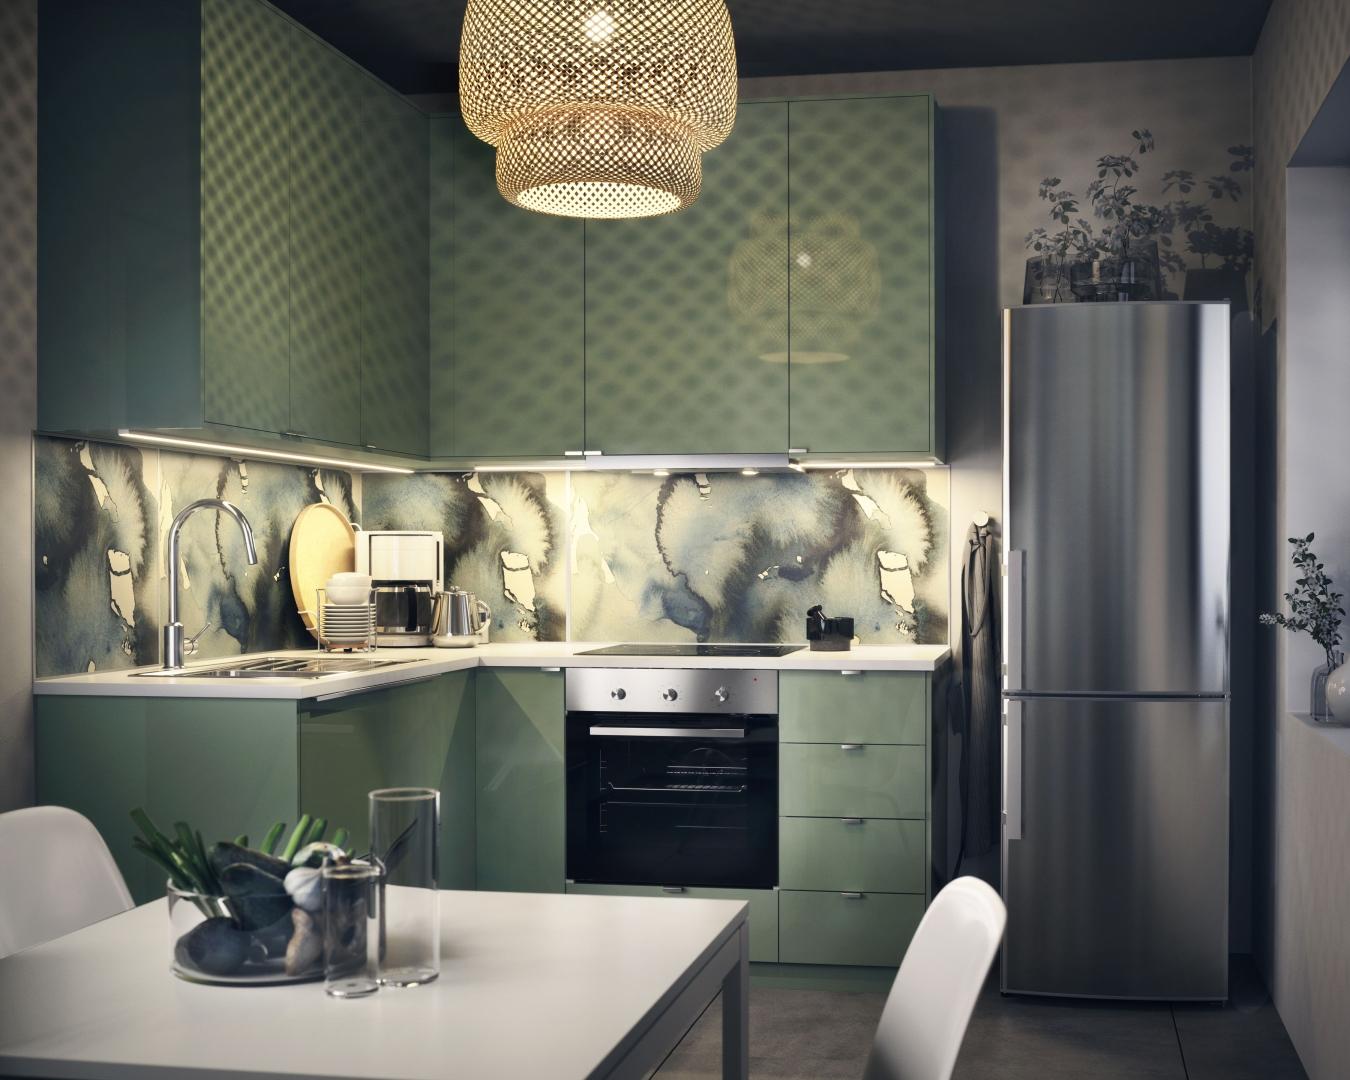 Keuken Kleur Groen : Design aan de keukenmuur